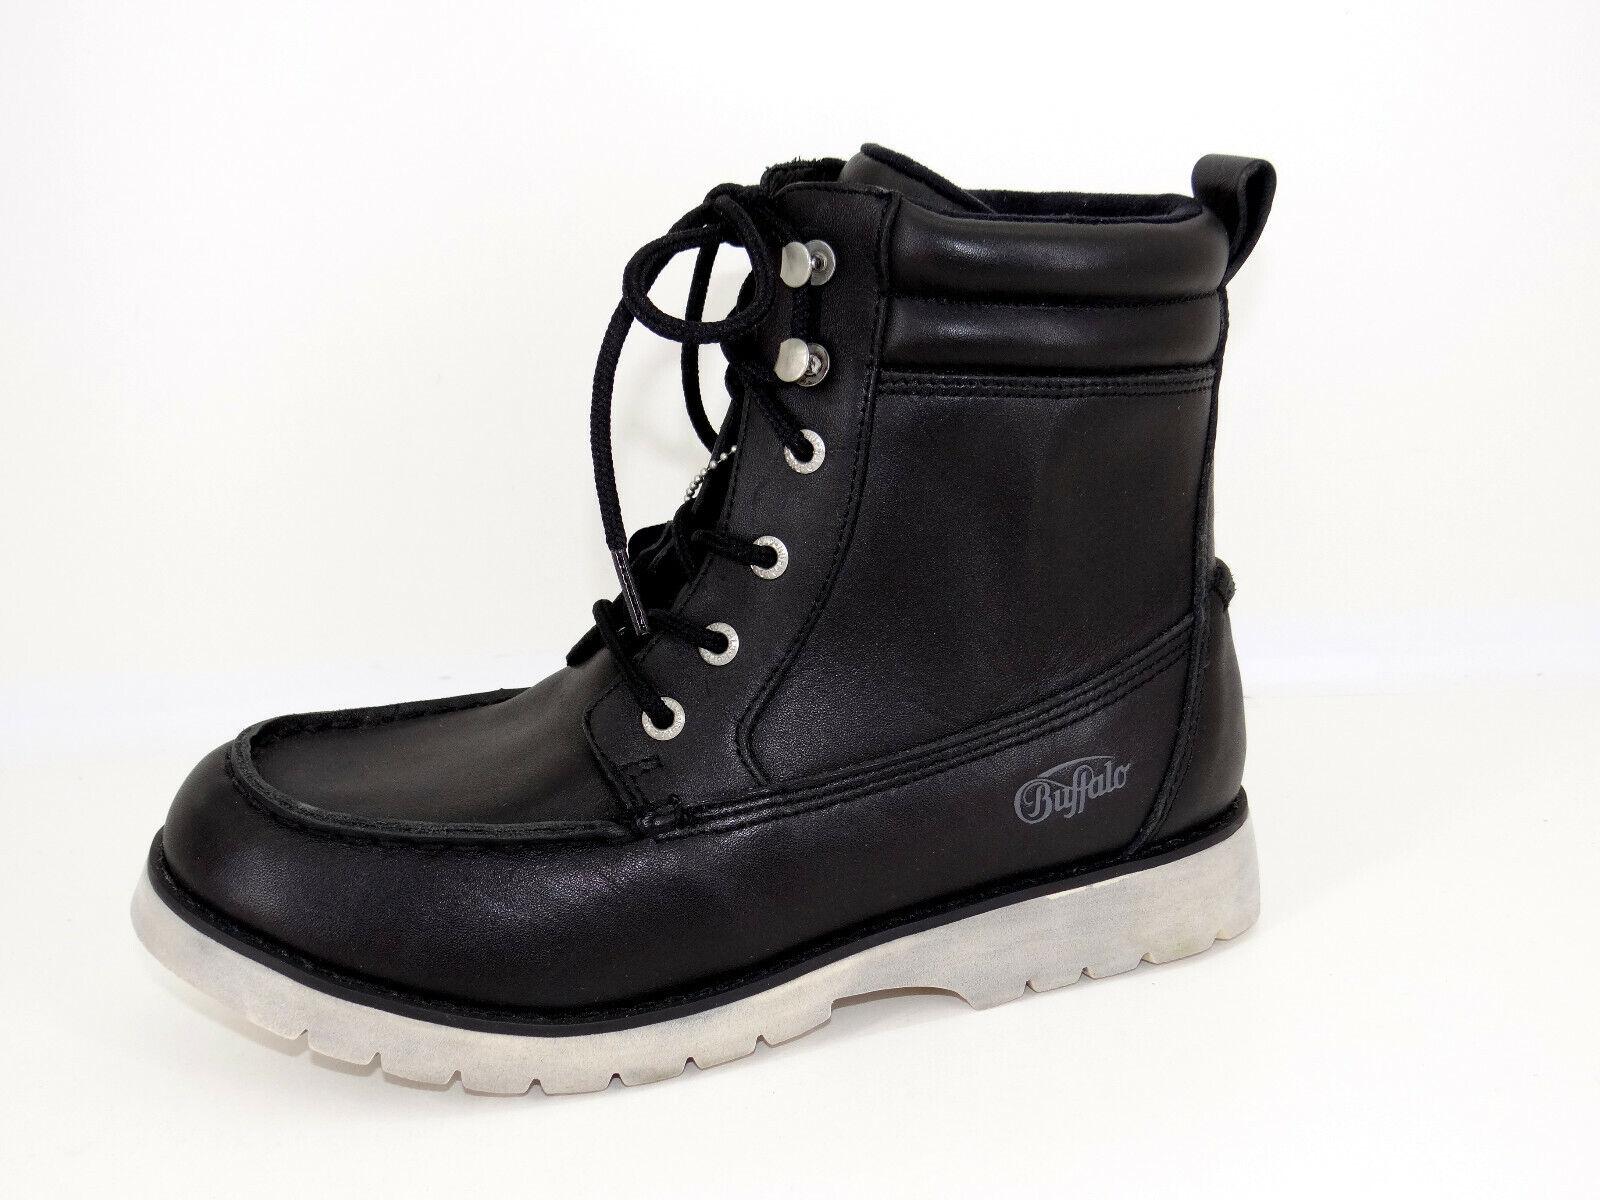 Buffalo Schuhe Stiefel Winterstiefel Herrenstiefel Stiefel Gr  41 - 7